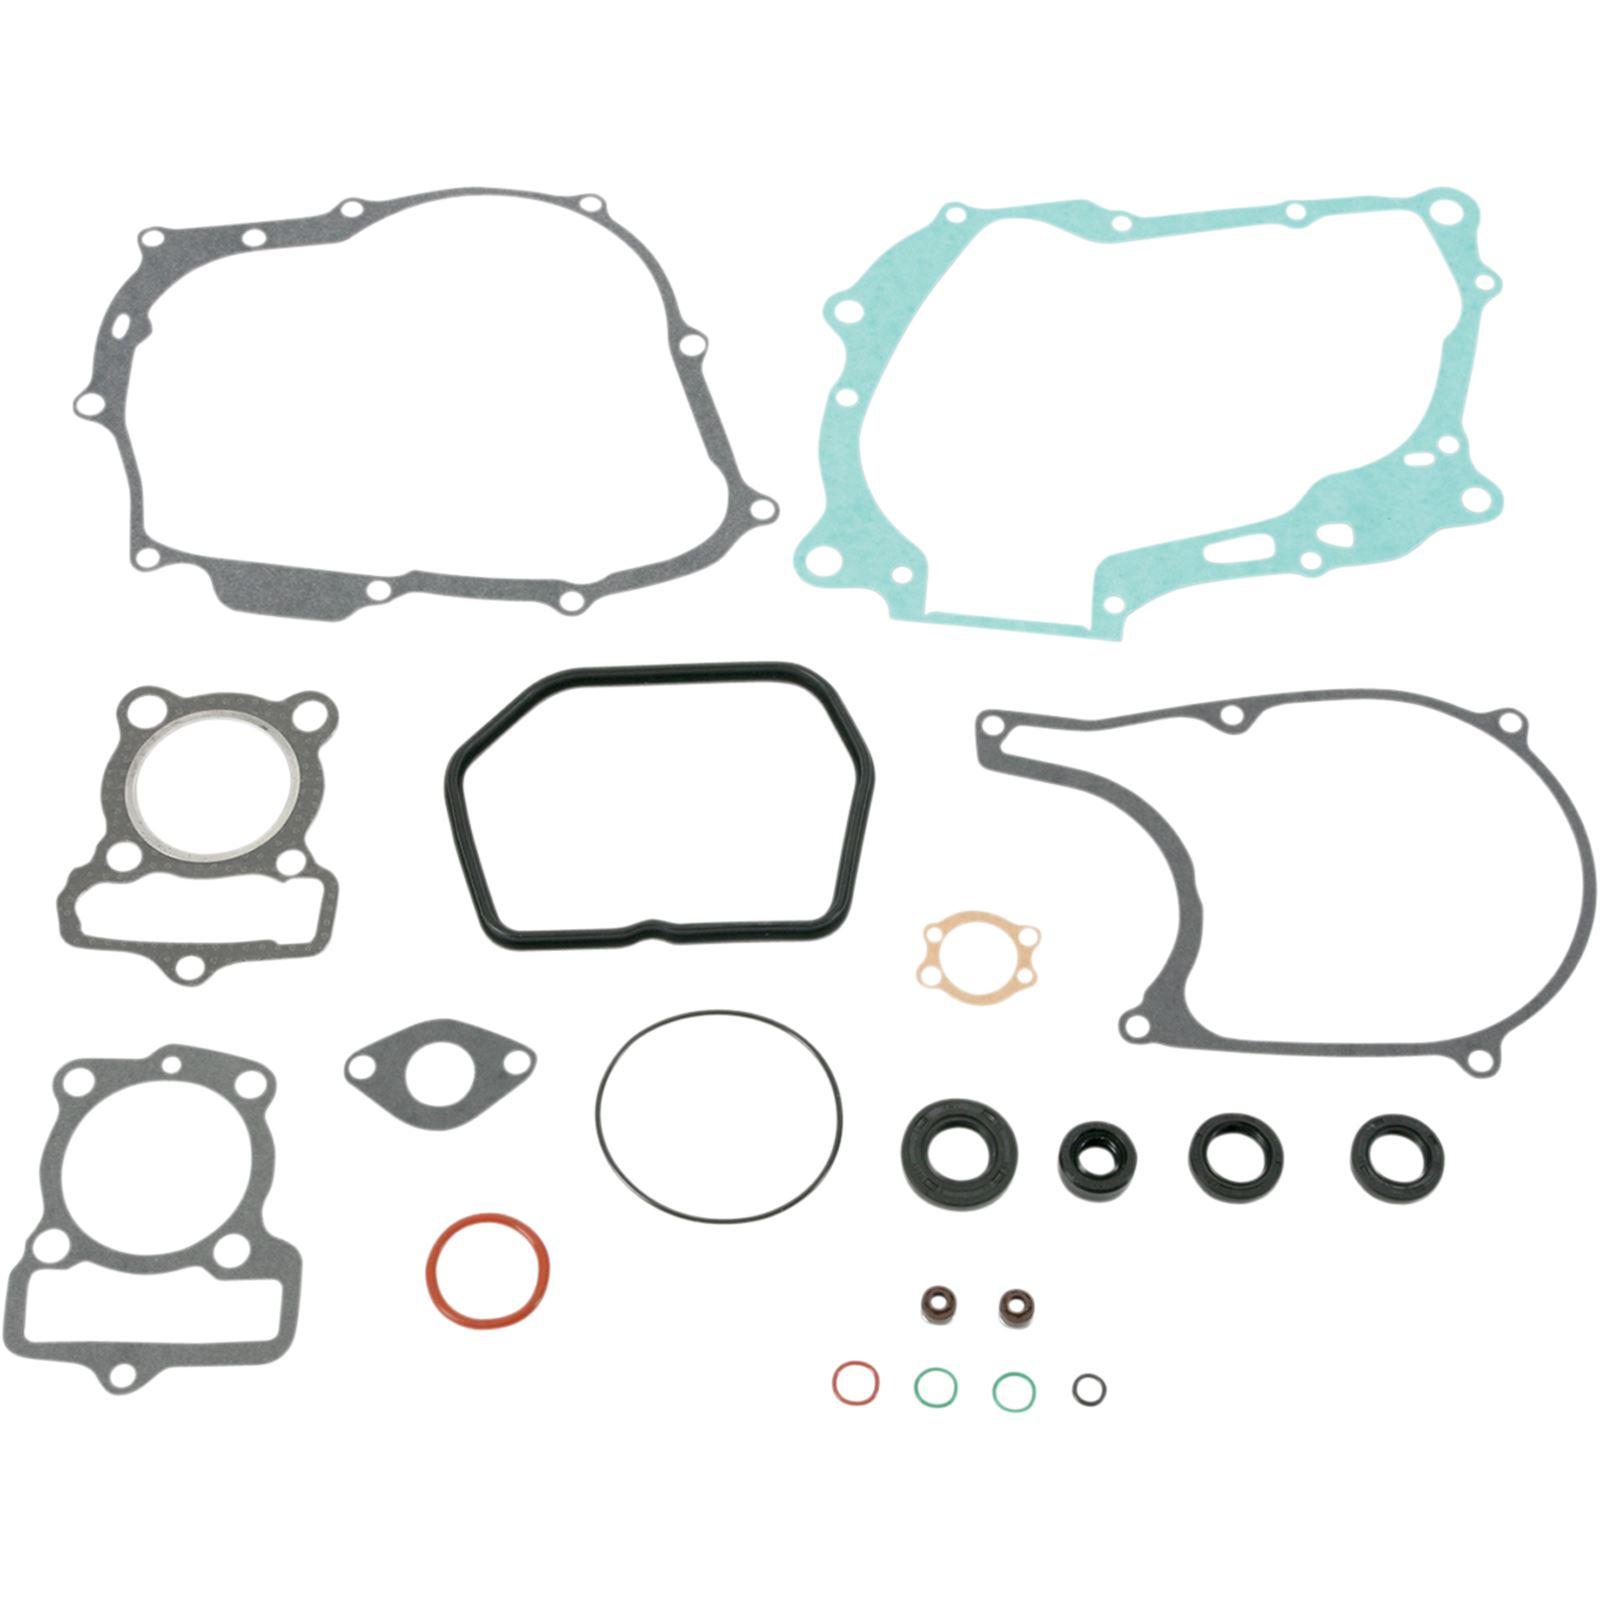 Moose Racing Motor Gasket Kit with Seal XR80